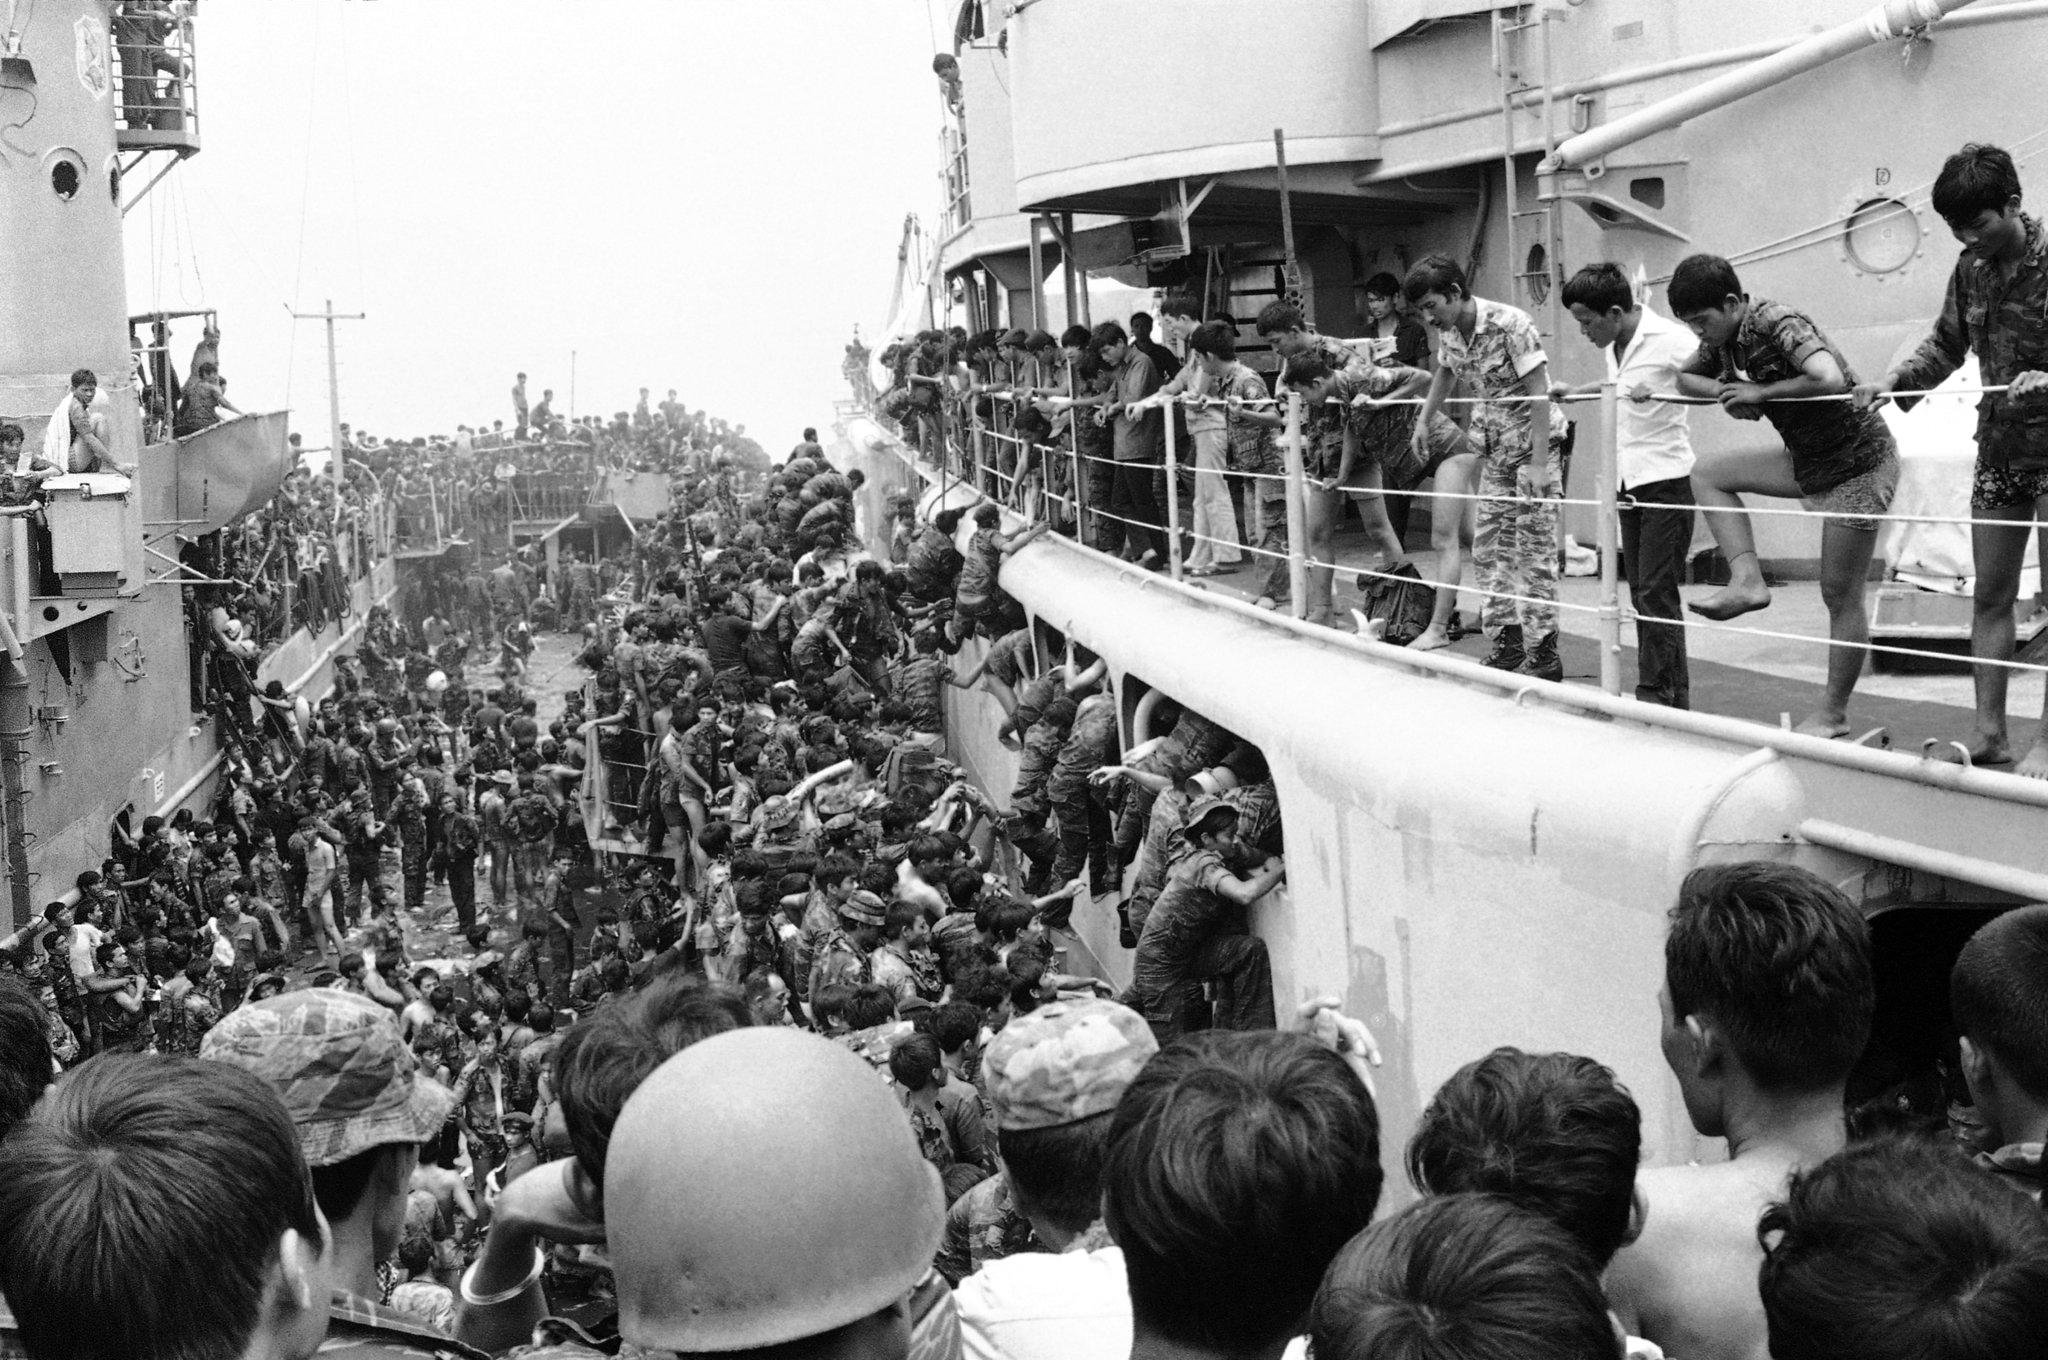 Южно-вьетнамские морские пехотинцы прыгают в панике на борт корабля в гавани Дананг, 1 апреля 1975